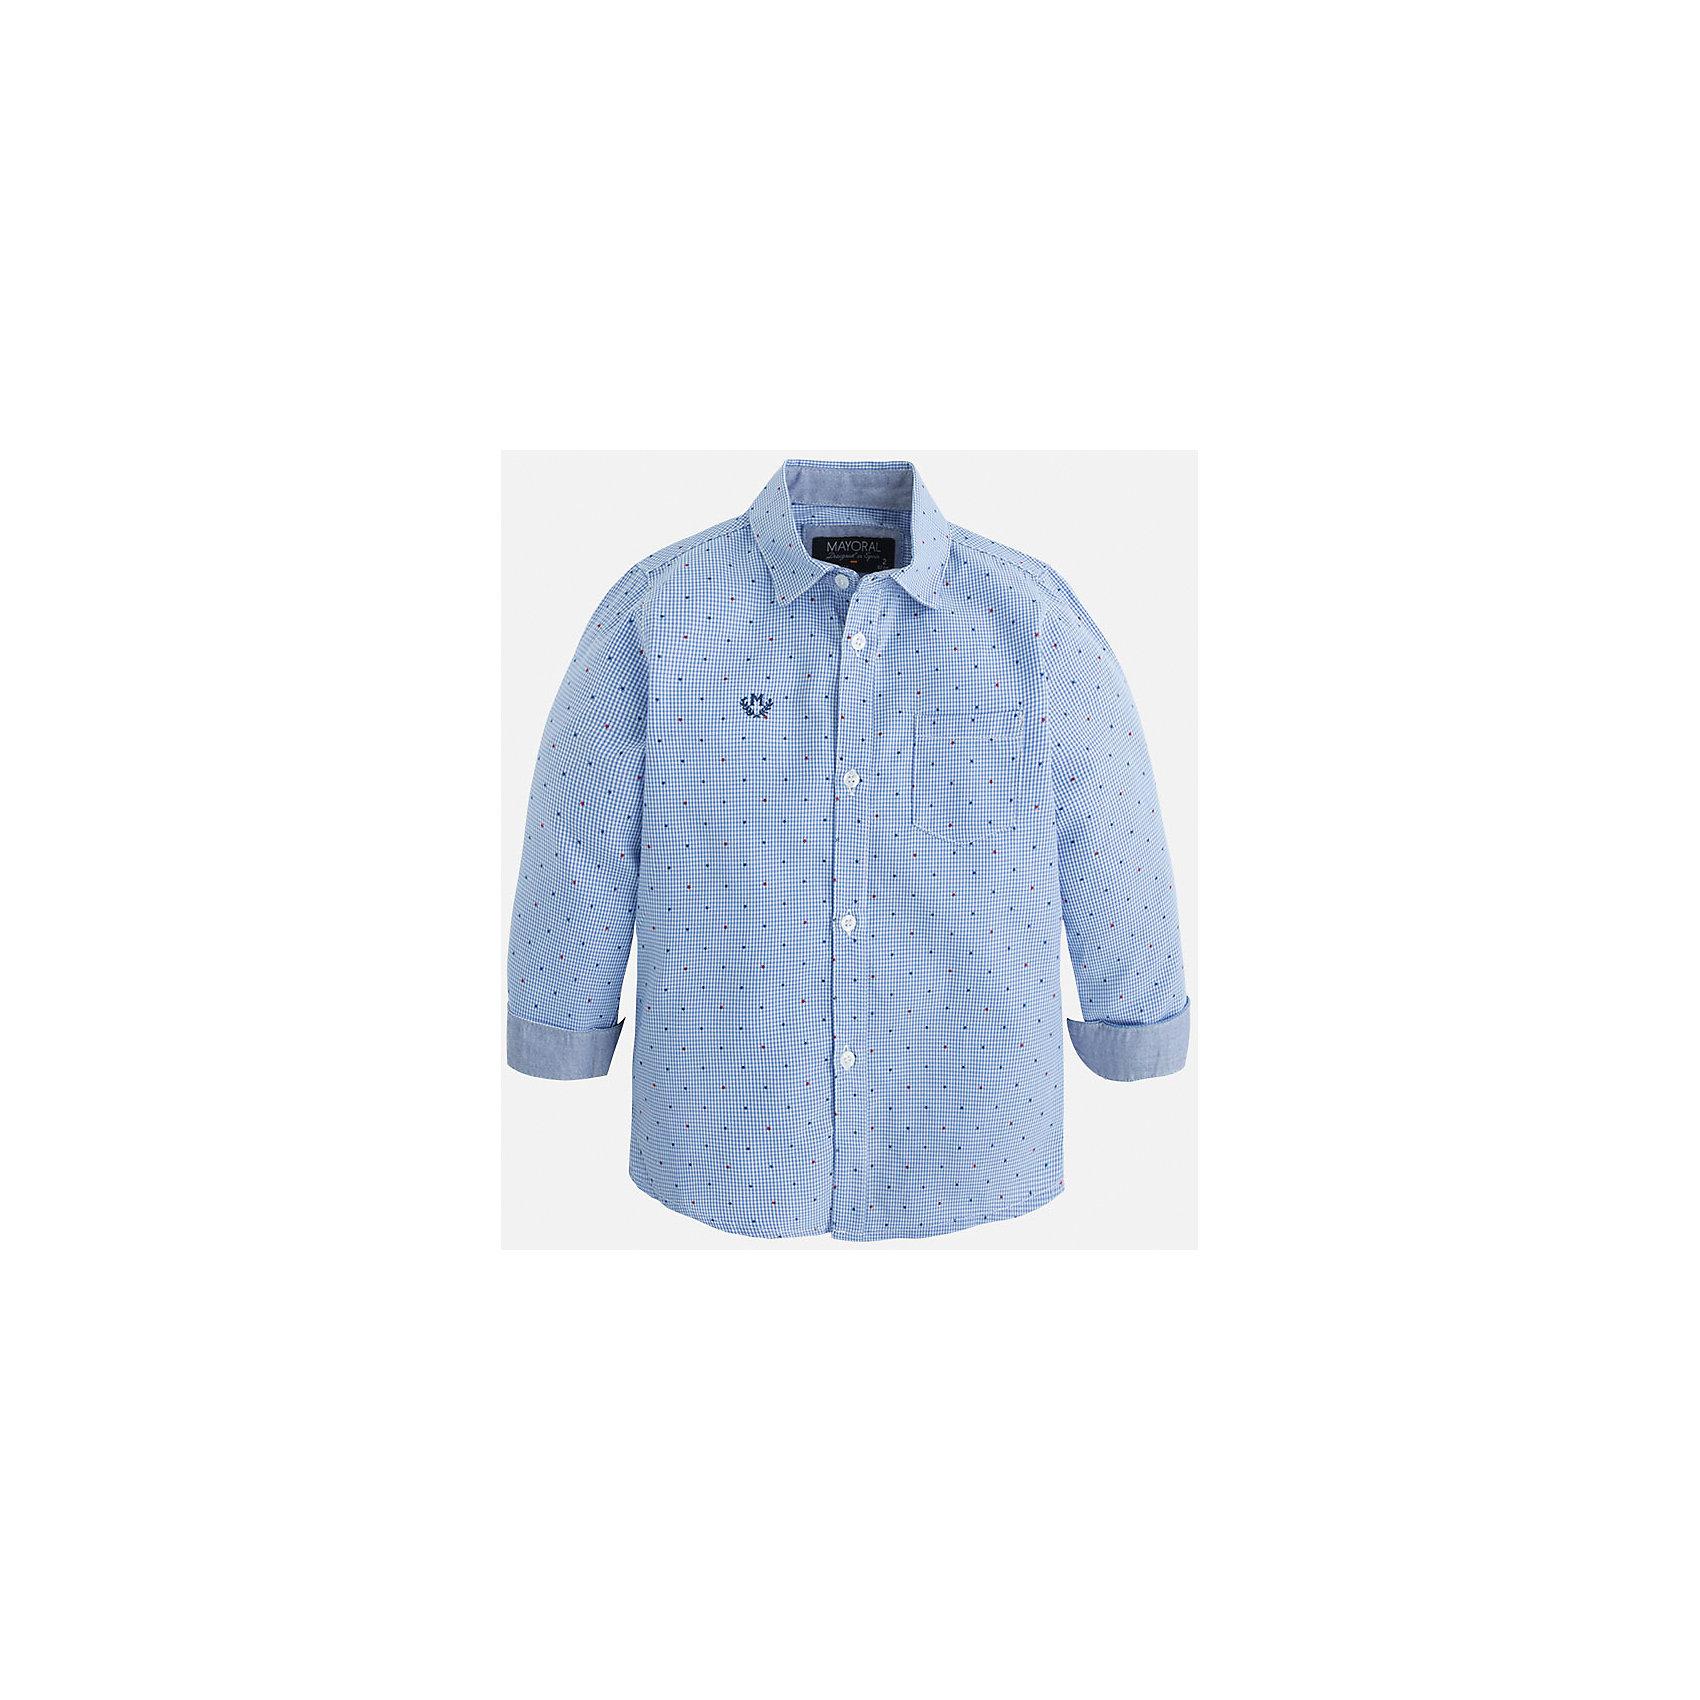 Рубашка для мальчика MayoralБлузки и рубашки<br>Рубашка для мальчика Mayoral (Майорал) – это стильная модная и практичная модель.<br>Рубашка с длинными рукавами от известной испанской марки Mayoral (Майорал) выполненная из натурального хлопка, станет прекрасным дополнением гардероба вашего мальчика. Рубашка застегивается на пуговицы, на груди имеется кармашек, декорирована небольшой монограммой. Комфортный крой гарантирует свободу движений.<br><br>Дополнительная информация:<br><br>- Цвет: голубой<br>- Состав: 100% хлопок<br>- Уход: бережная стирка при 30 градусах<br><br>Рубашку для мальчика Mayoral (Майорал) можно купить в нашем интернет-магазине.<br><br>Ширина мм: 174<br>Глубина мм: 10<br>Высота мм: 169<br>Вес г: 157<br>Цвет: синий<br>Возраст от месяцев: 48<br>Возраст до месяцев: 60<br>Пол: Мужской<br>Возраст: Детский<br>Размер: 110,134,98,104,116,122,128<br>SKU: 4821142